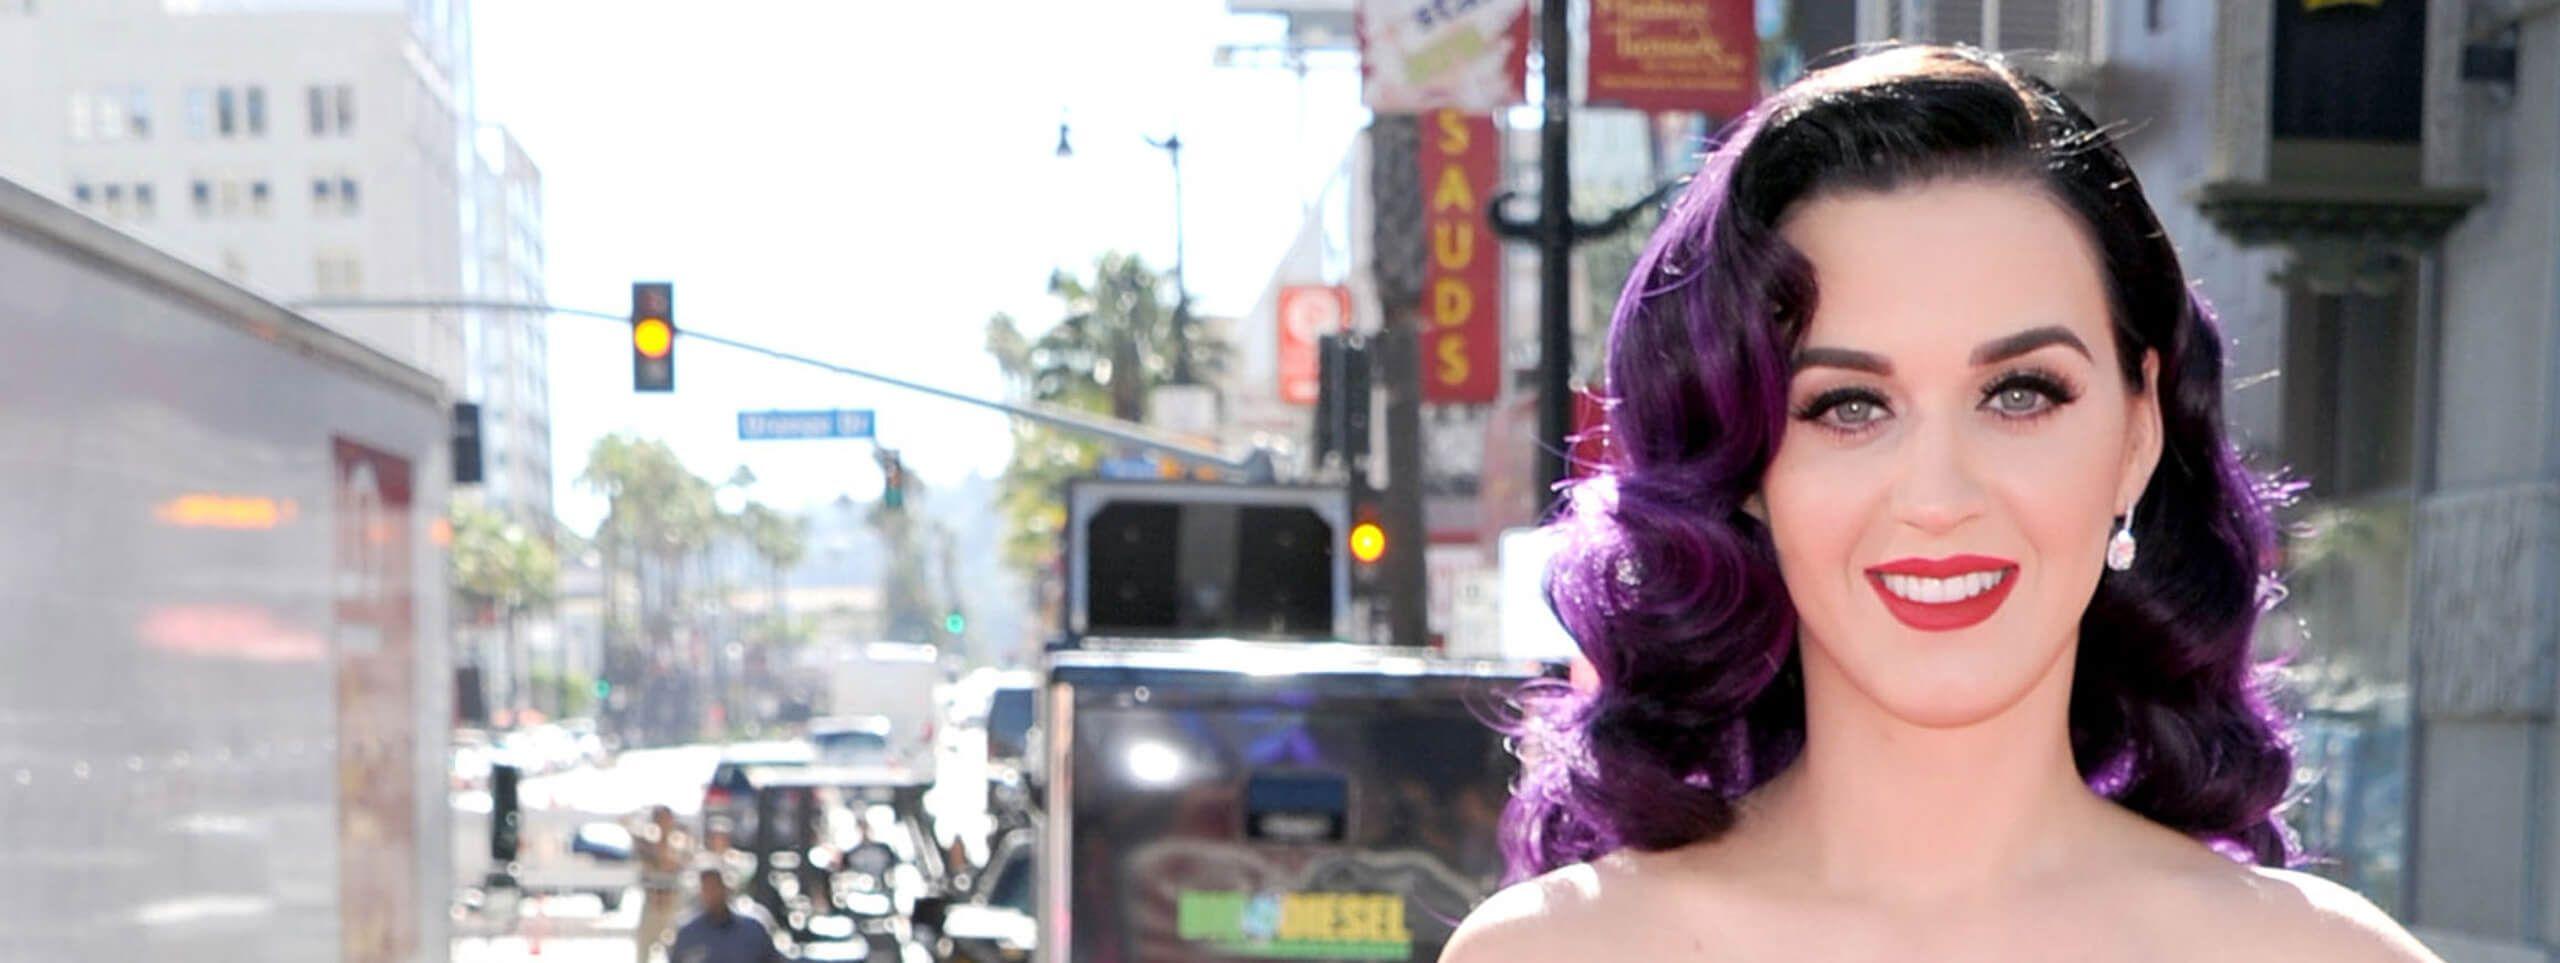 Katy Perry z fioletowymi pofalowanymi włosami